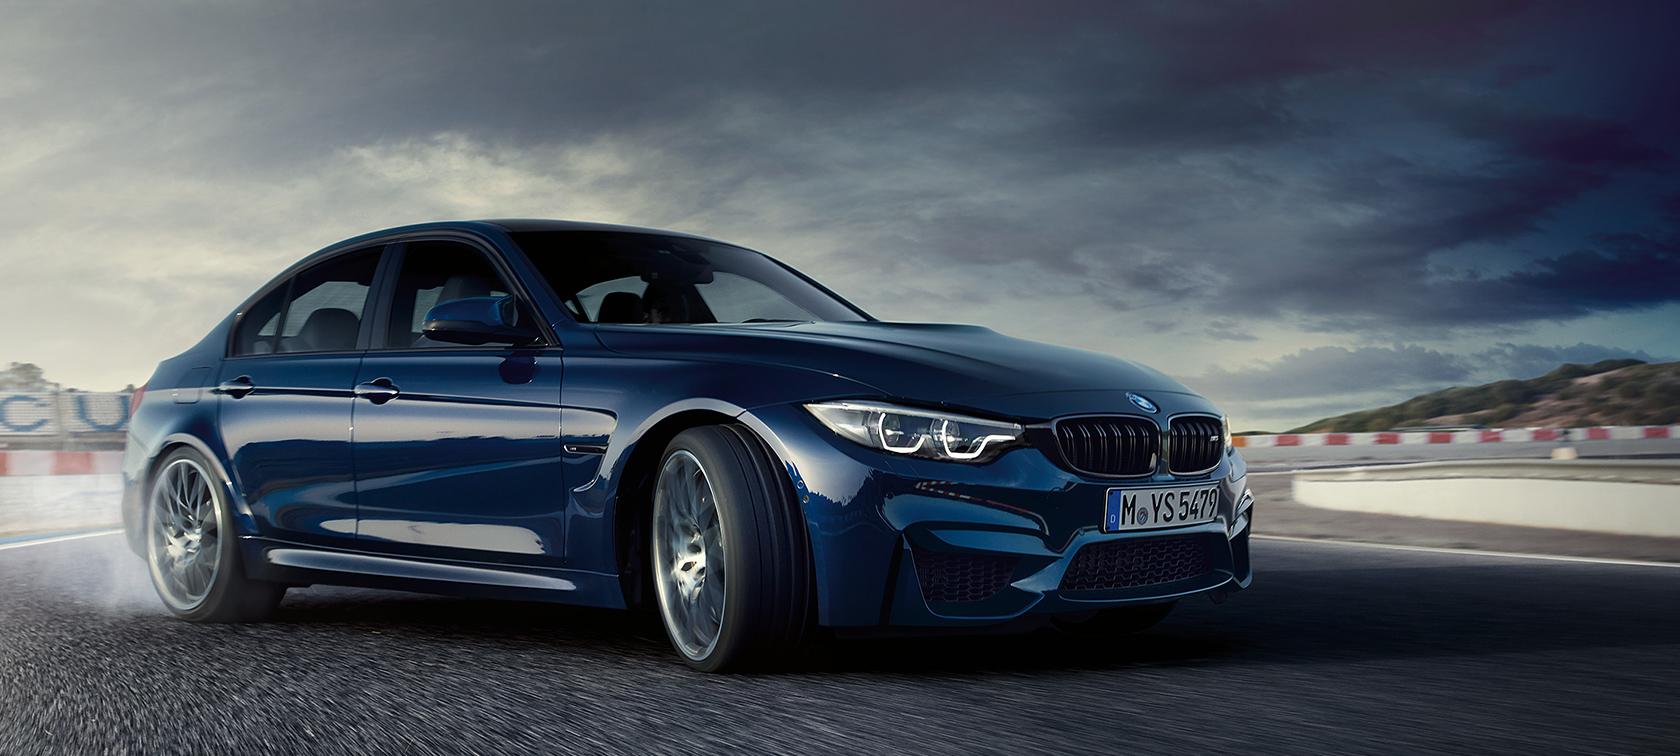 Used BMW M4 >> BMW M3 Sedan | Driving Dynamics & Efficiency| BMW Canada